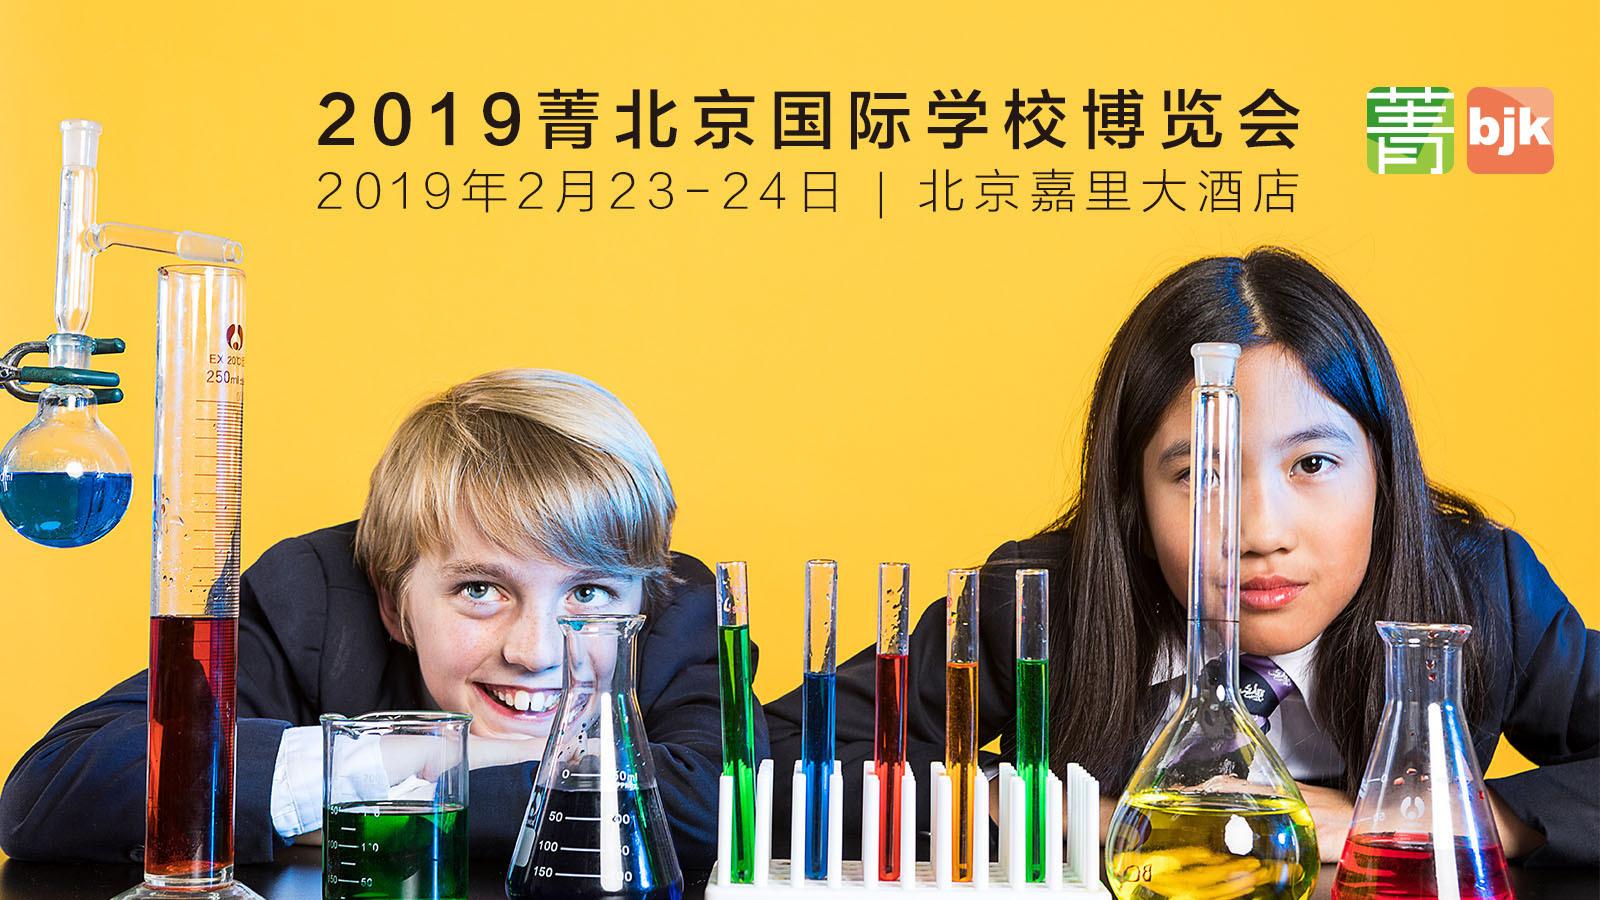 2019菁北京国际学校博览会